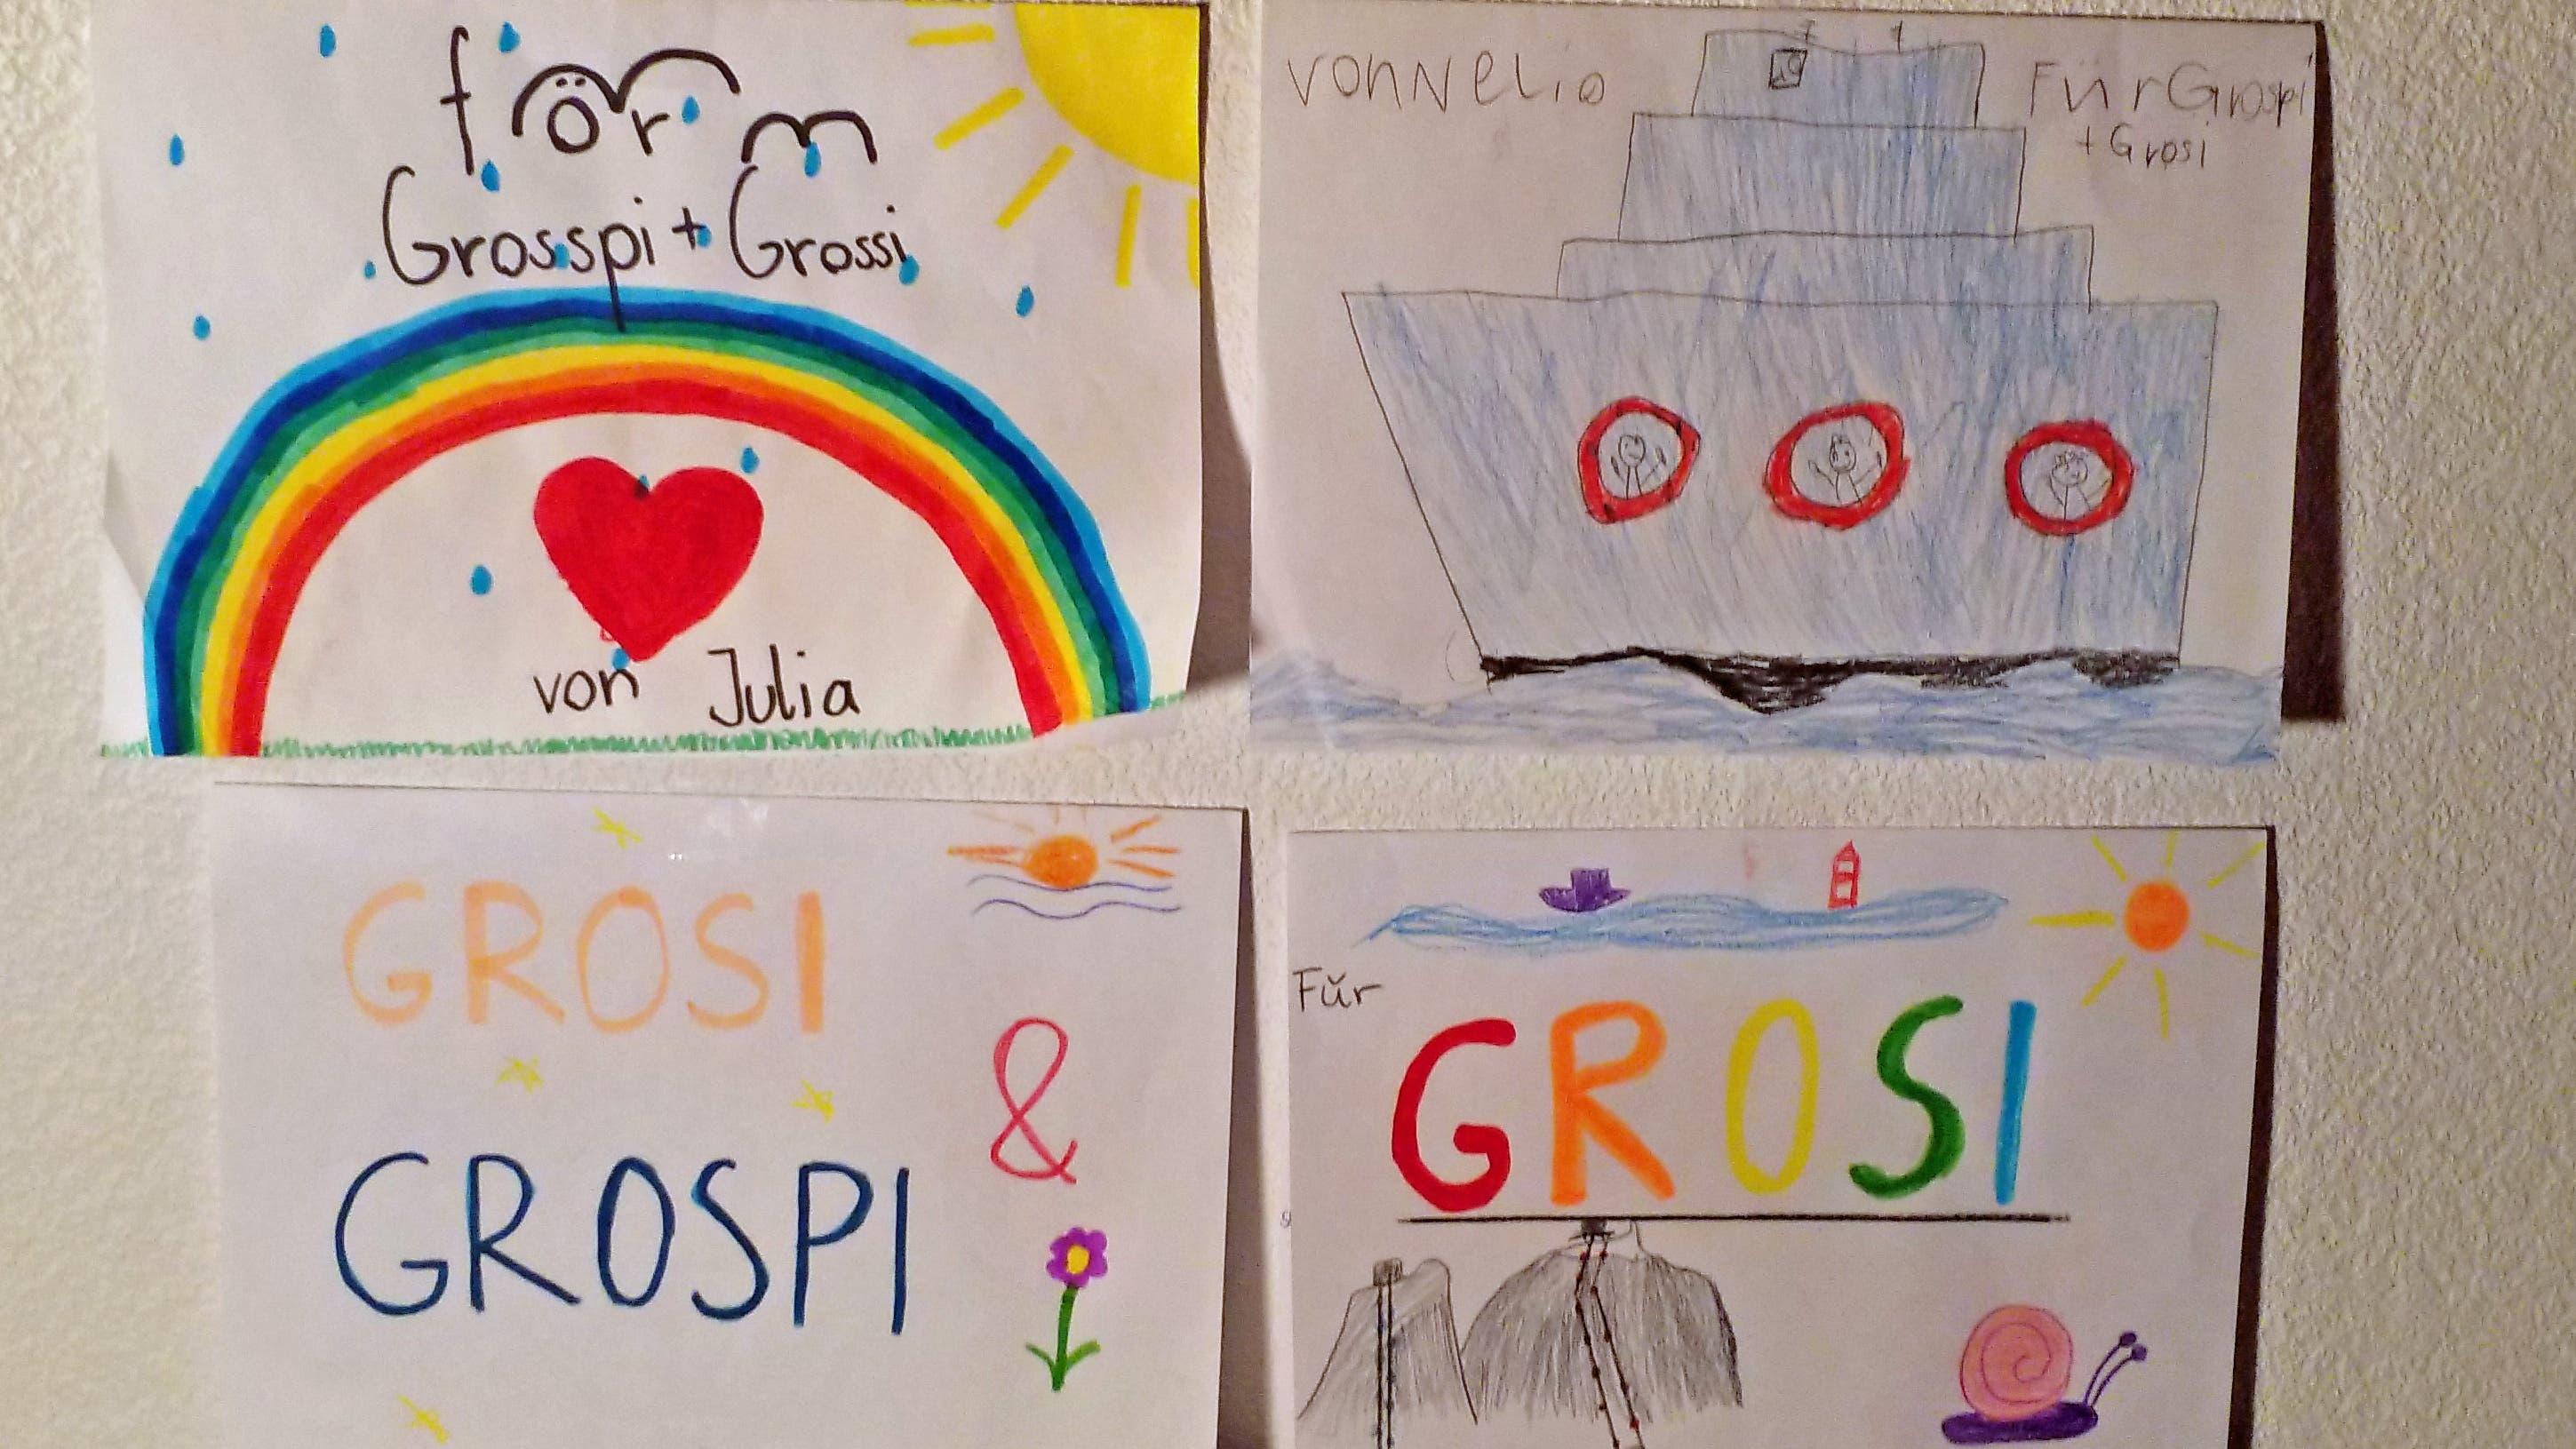 Diese Zeichnungen haben wir in unserer selbstgewählten «Quarantäne» von unseren Enkeln erhalten. Wir haben uns segr gefreut. Wir vermissen sie sehr.